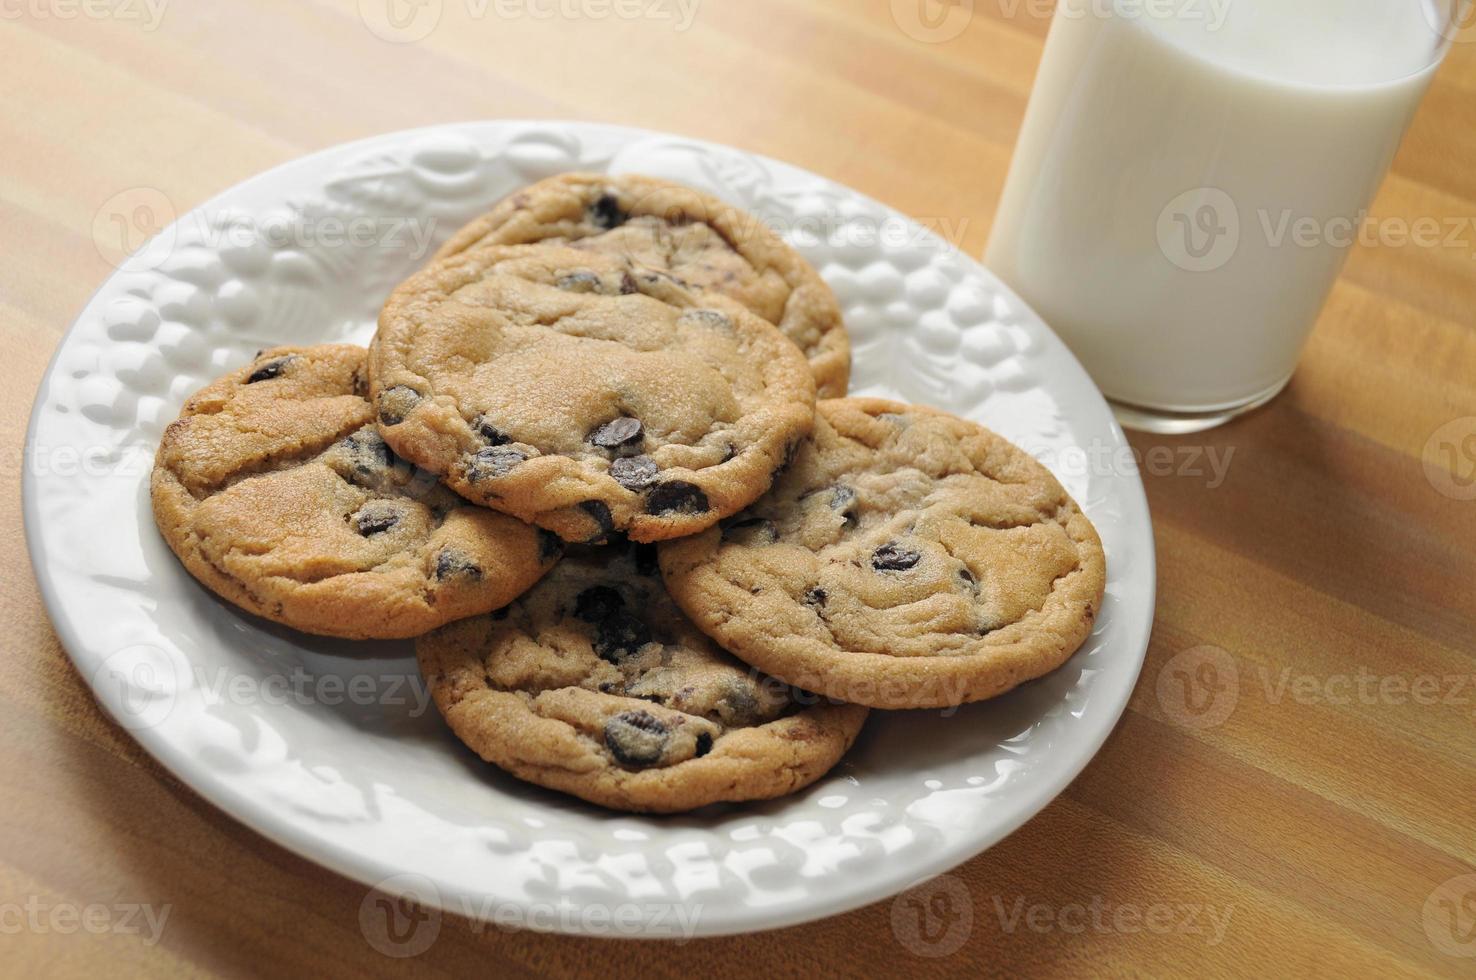 galletas y leche foto